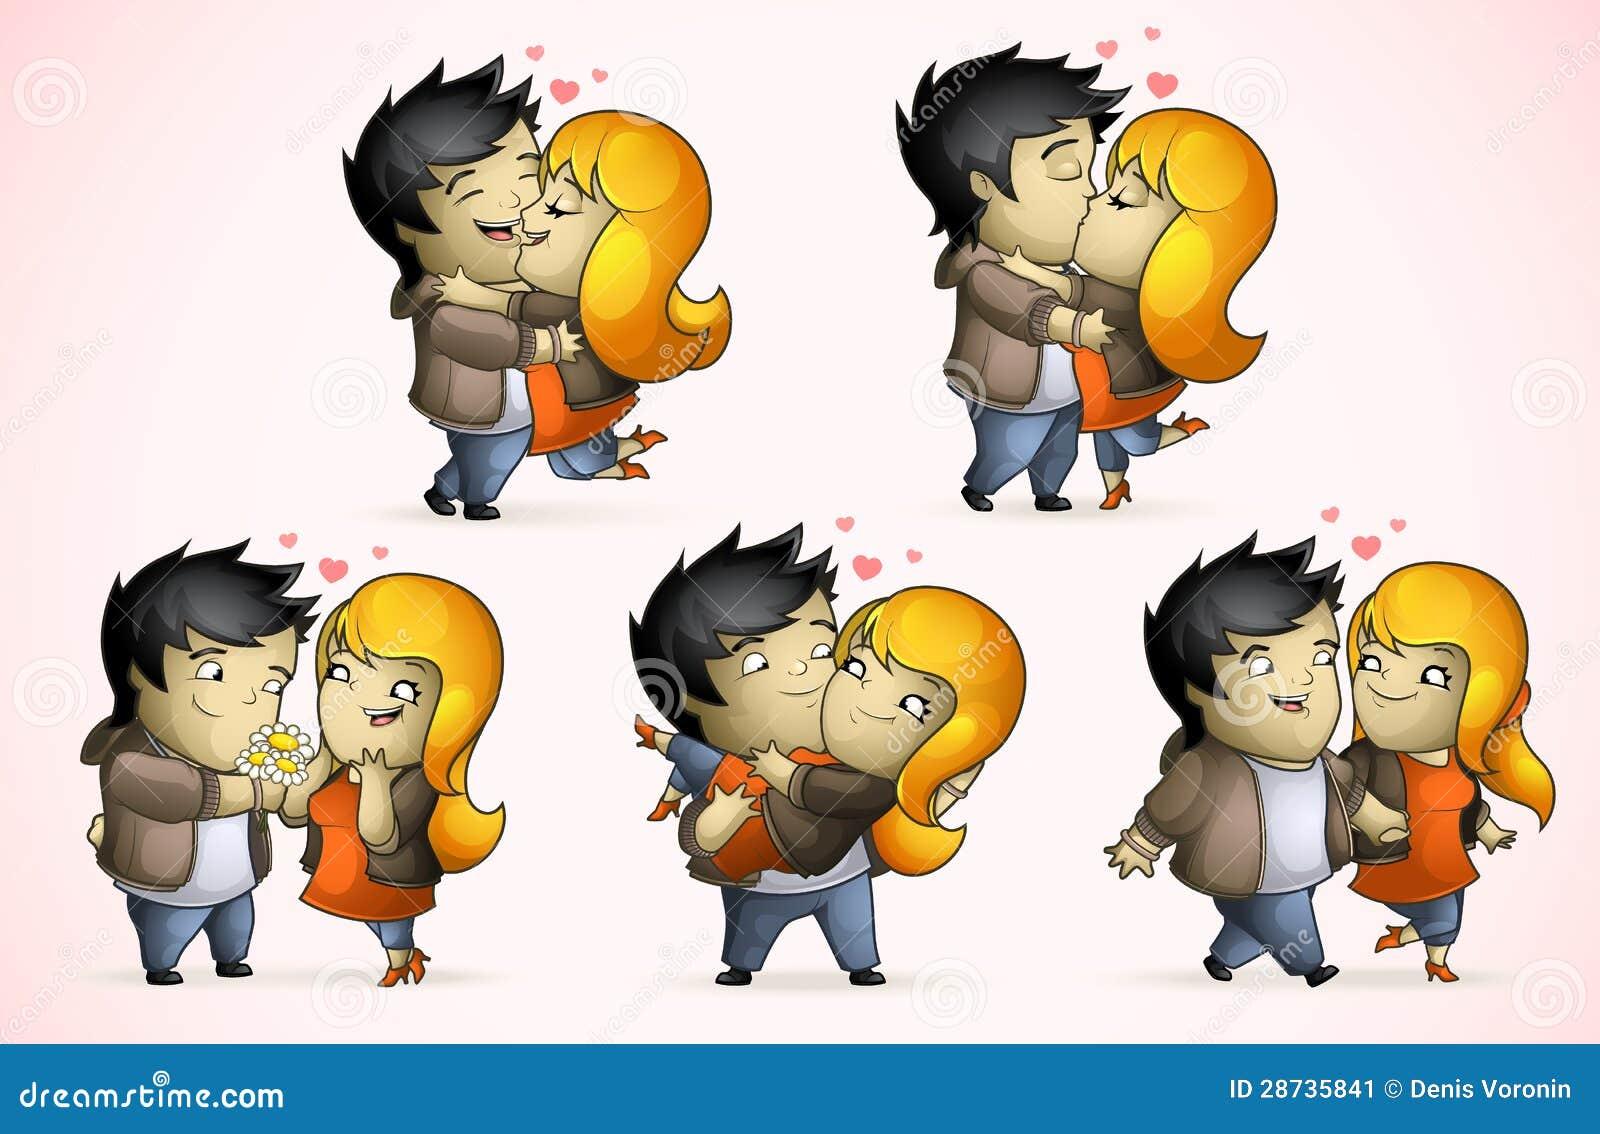 Häufige Probleme mit Online-Dating